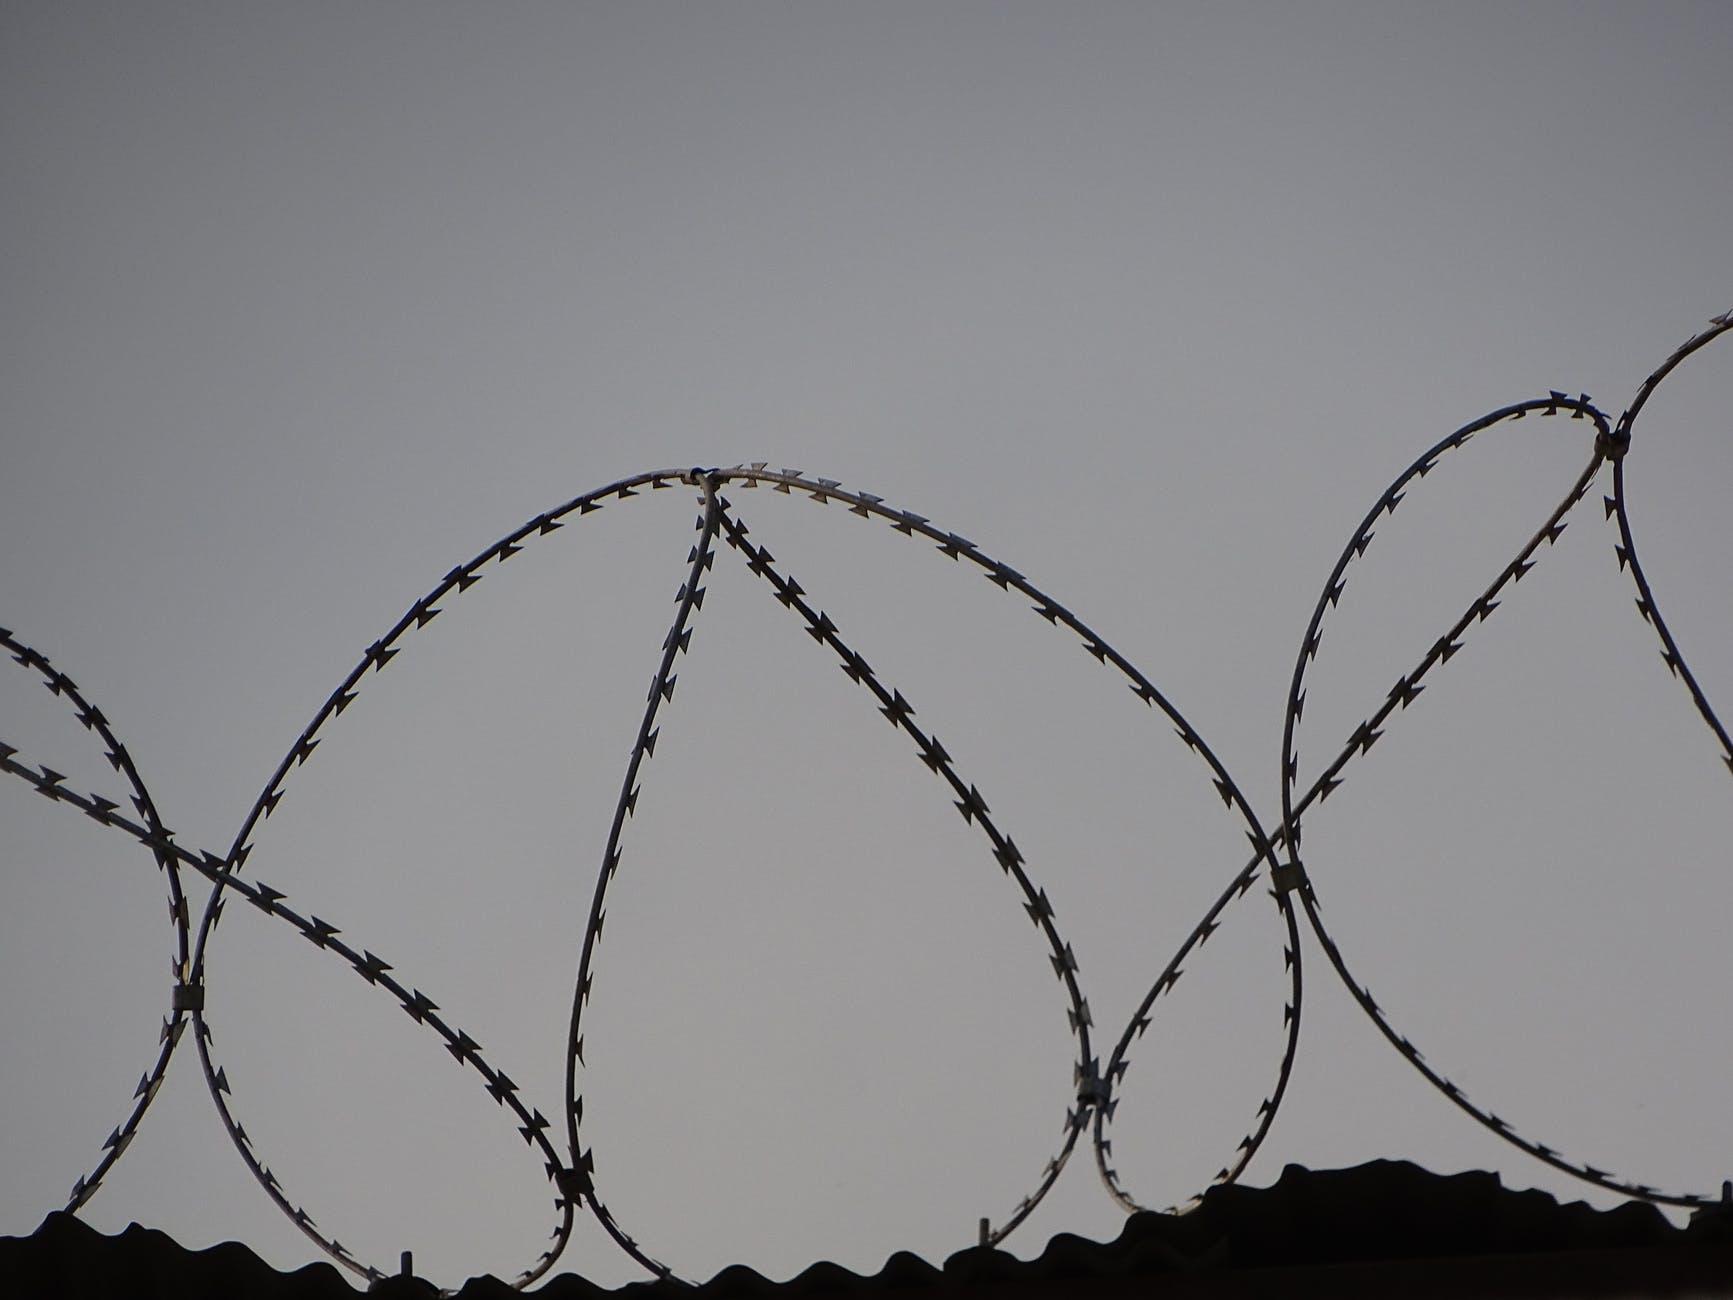 ყოფილ პატიმართა და პრობაციონერთა რეაბილიტაცია - საერთაშორისო გამოცდილება და საქართველო